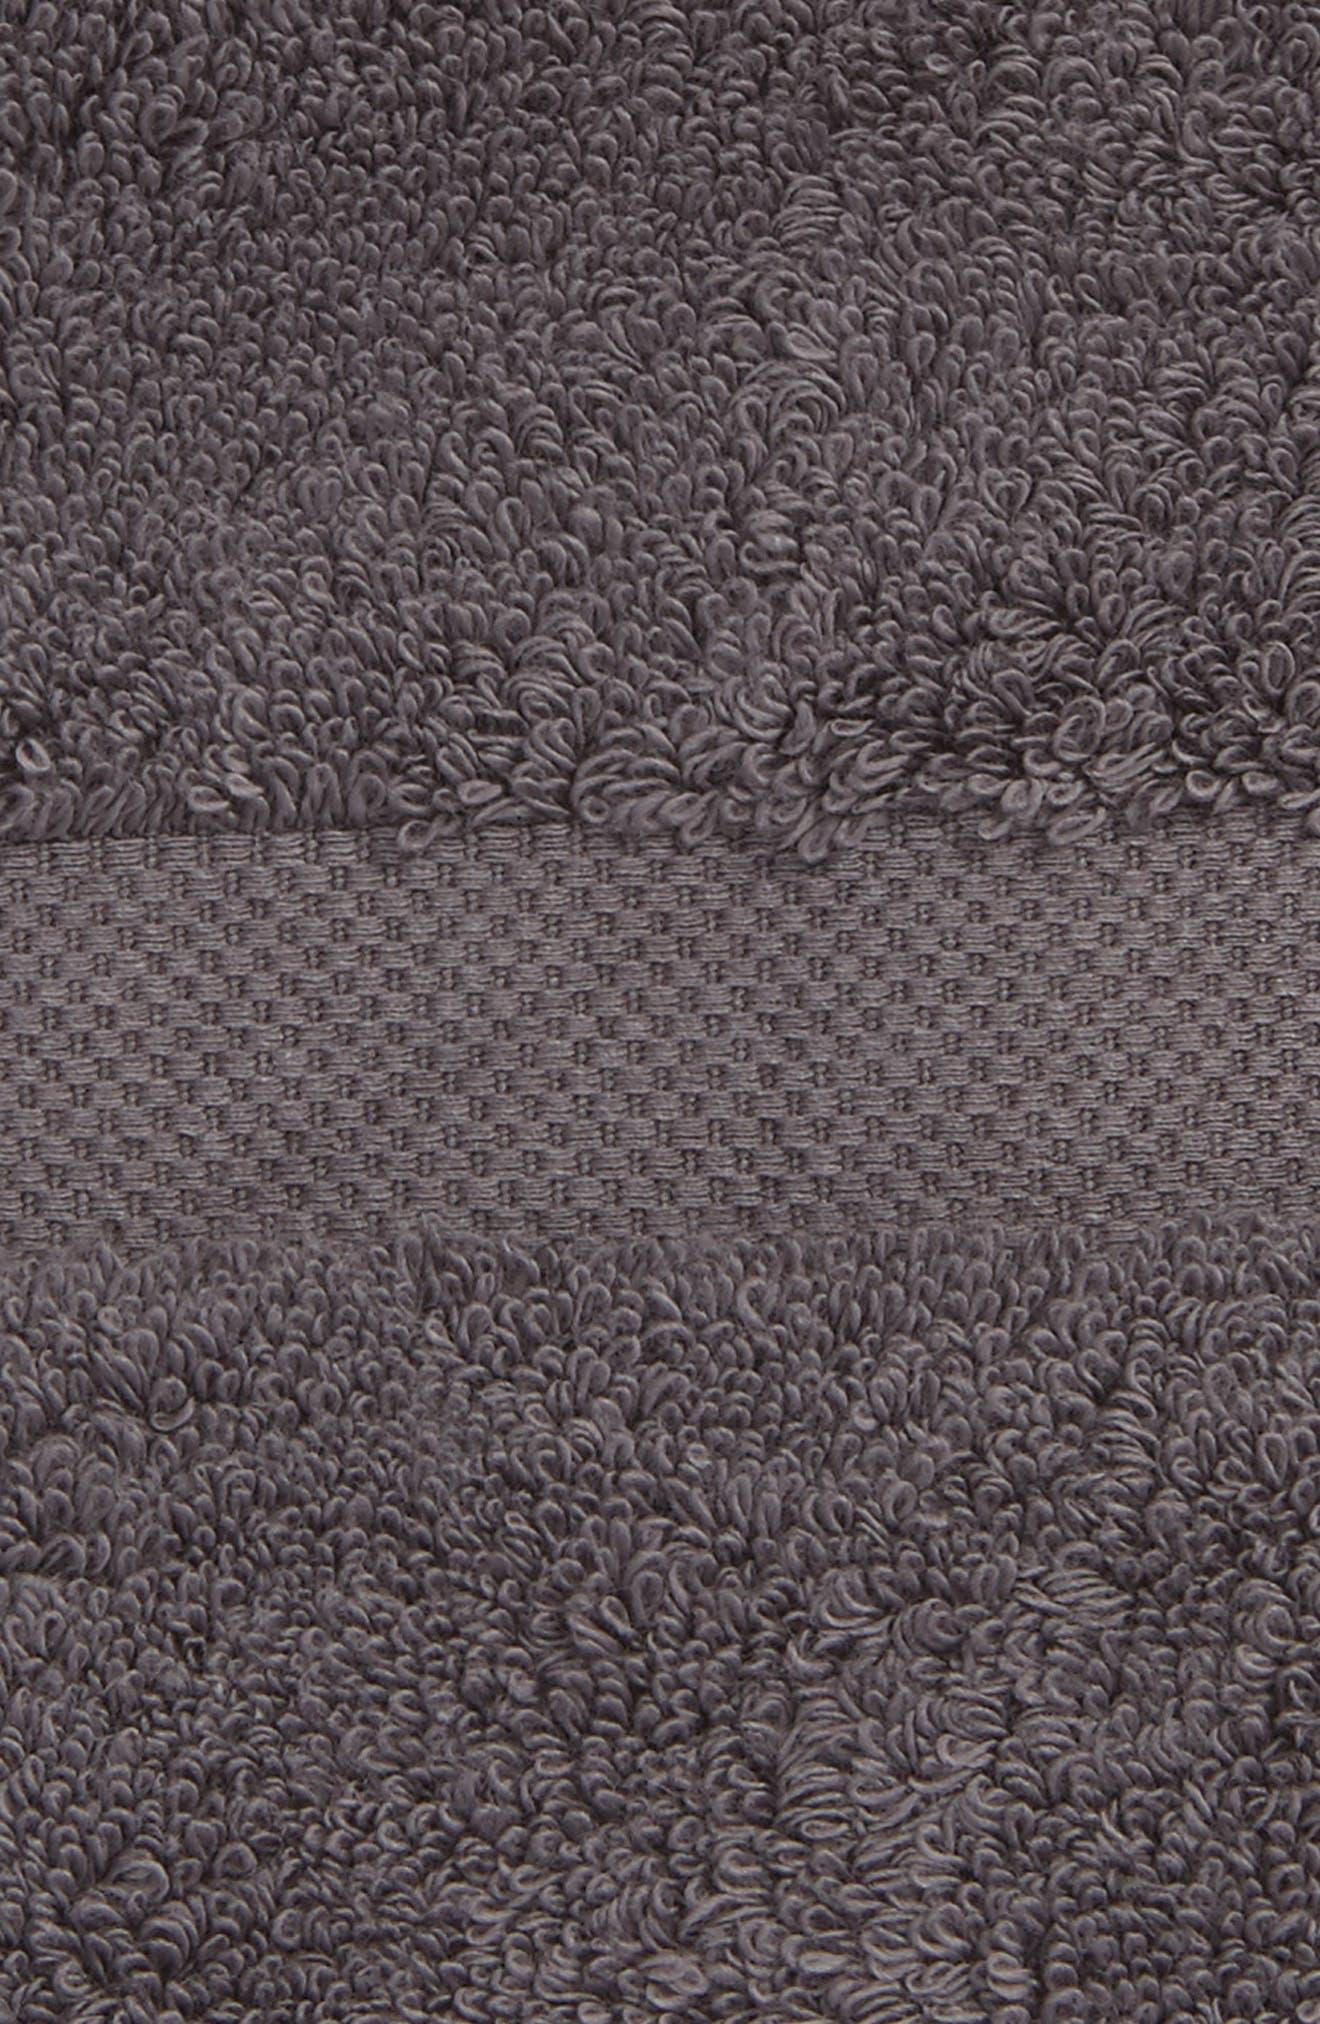 Alternate Image 2  - Matouk Lotus Washcloth